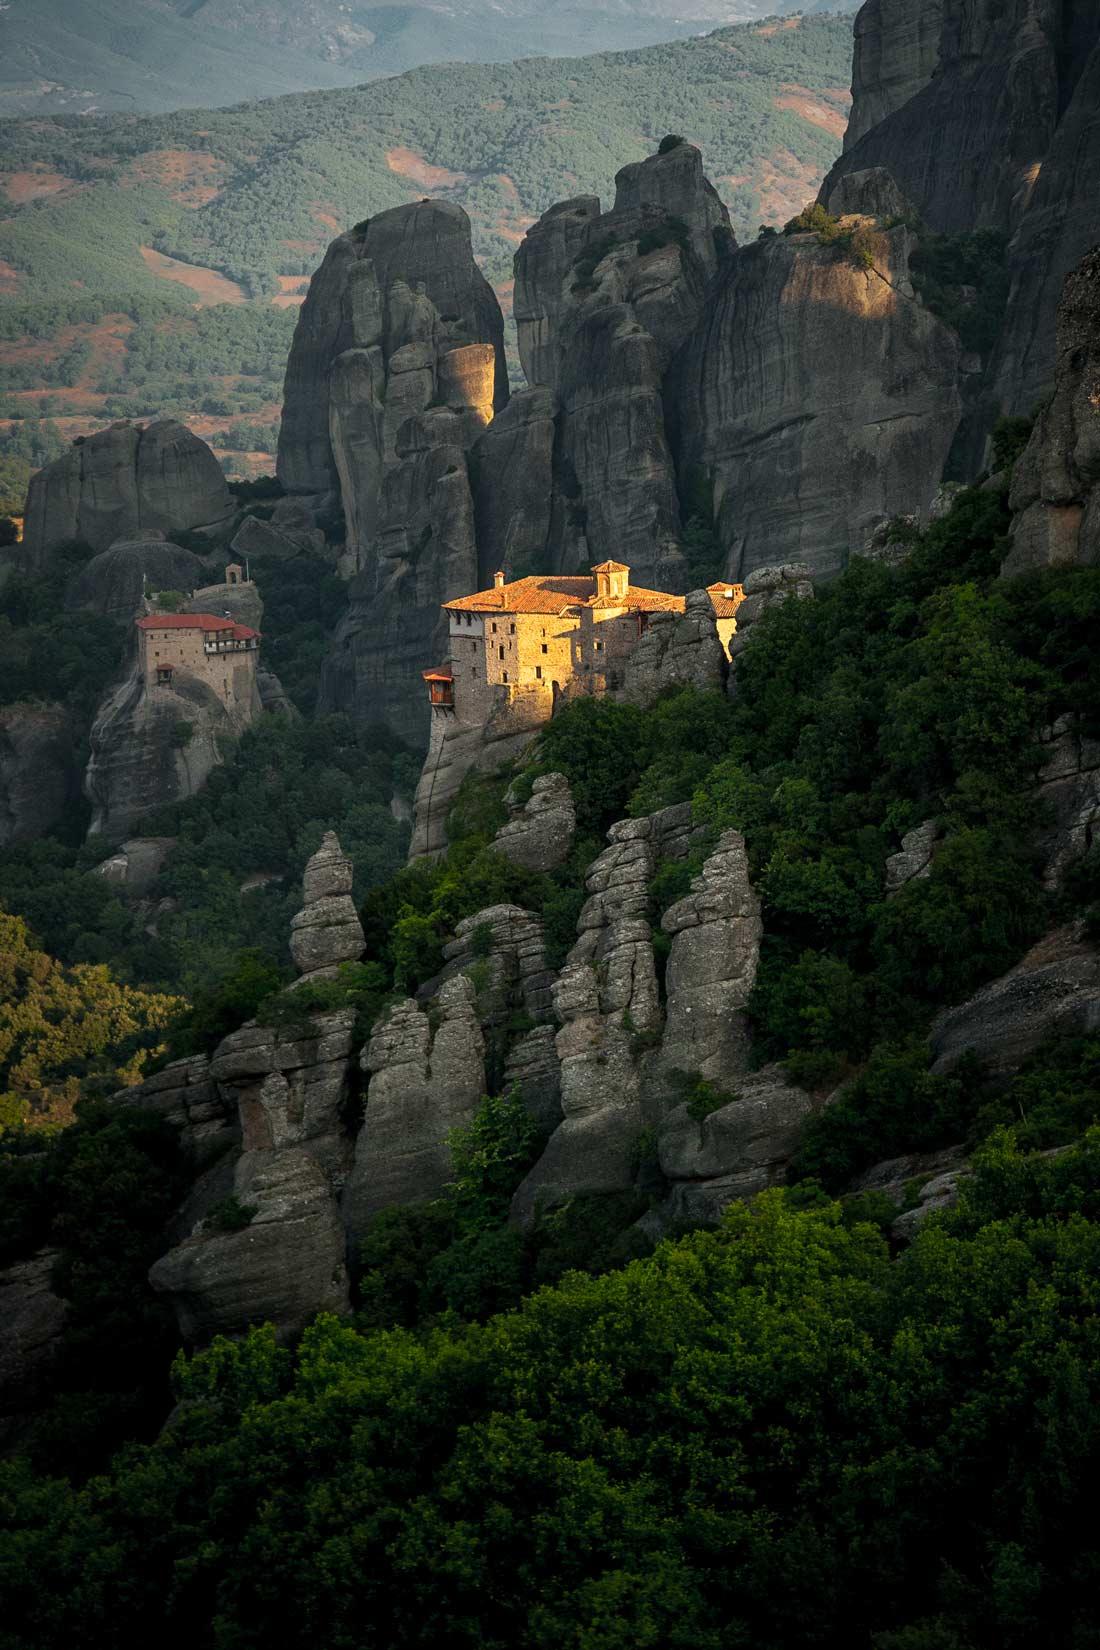 Μοναστήρι της Αγίας Βαρβάρας Ρουσάνου jako ostrov světla v temnotách